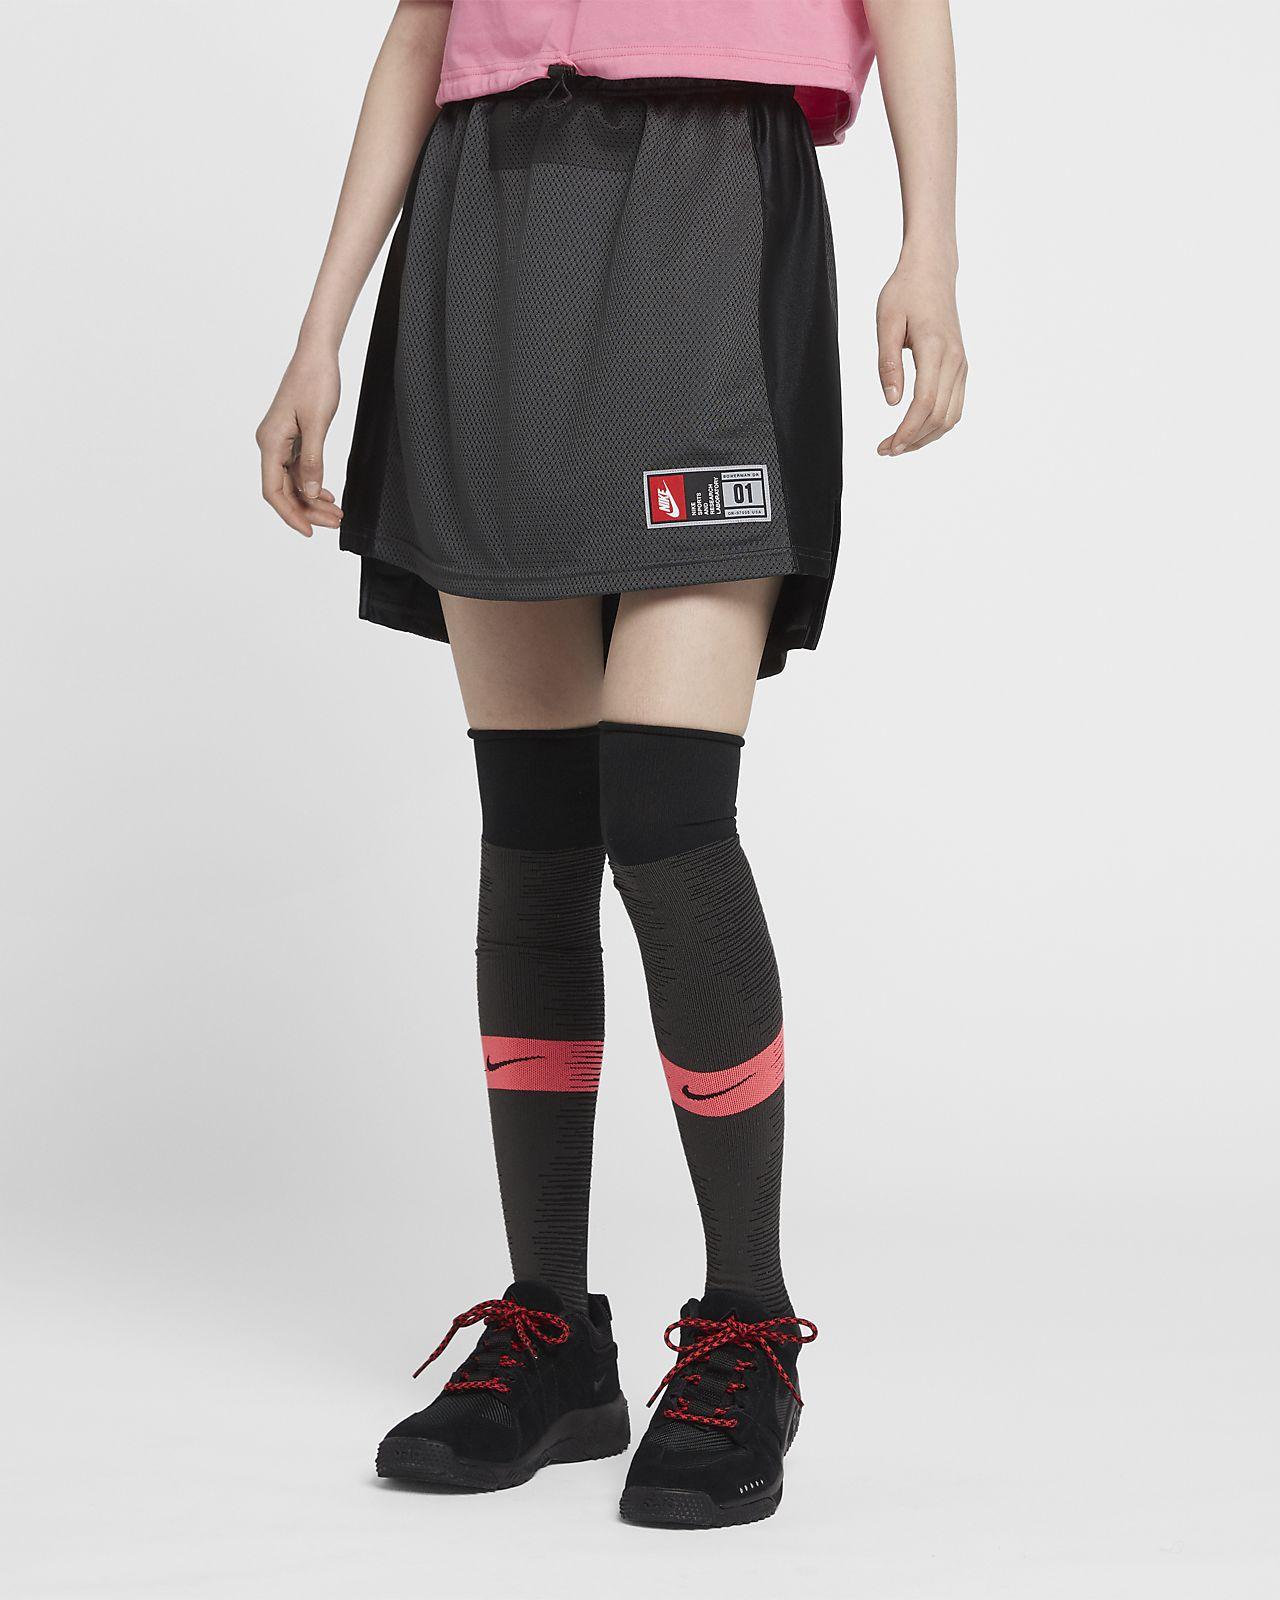 Fotbalová sukně NikeLab Collection